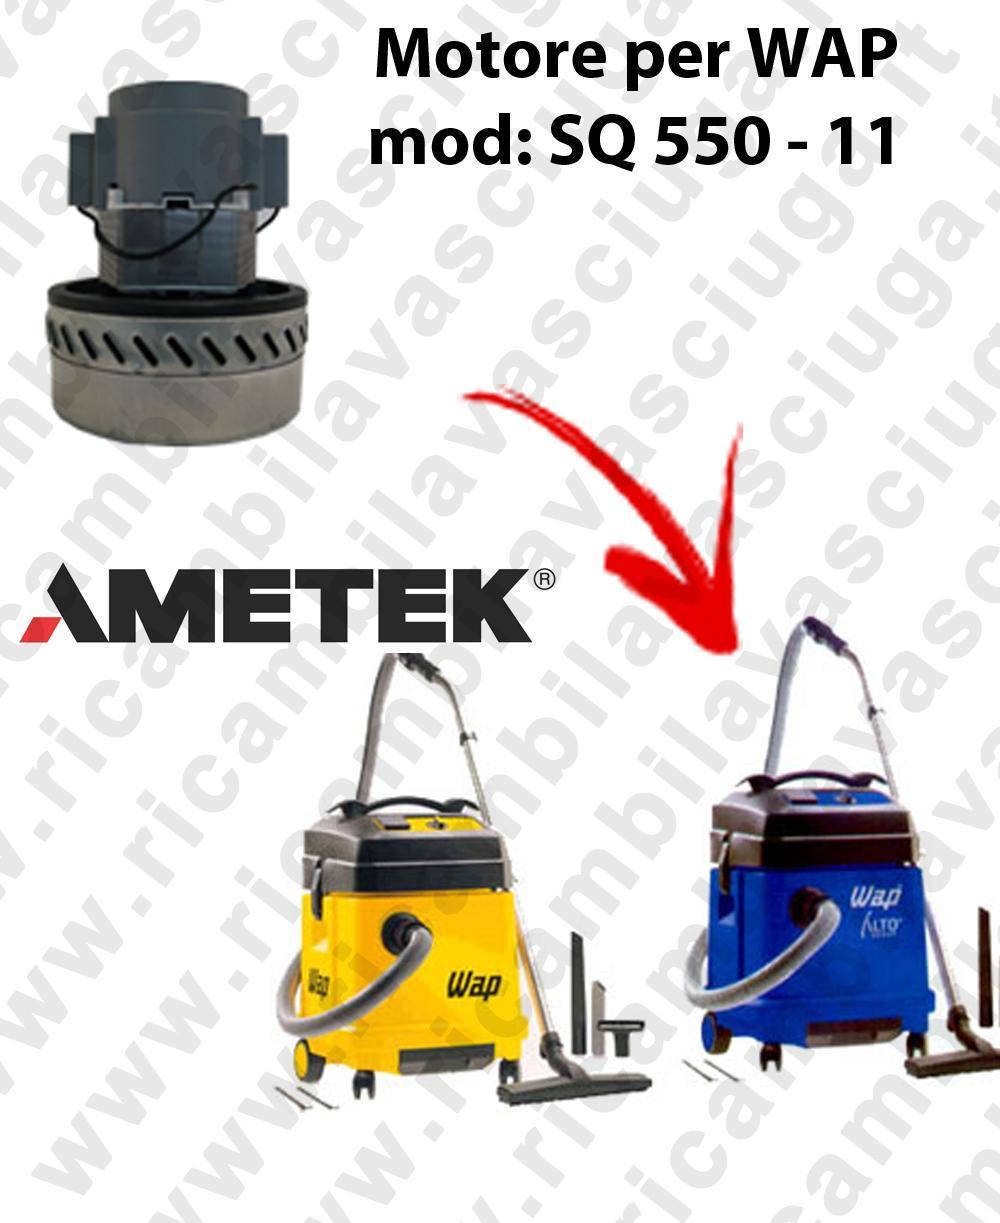 SQ 550 - 11 Saugmotor AMETEK für Staubsauger WAP